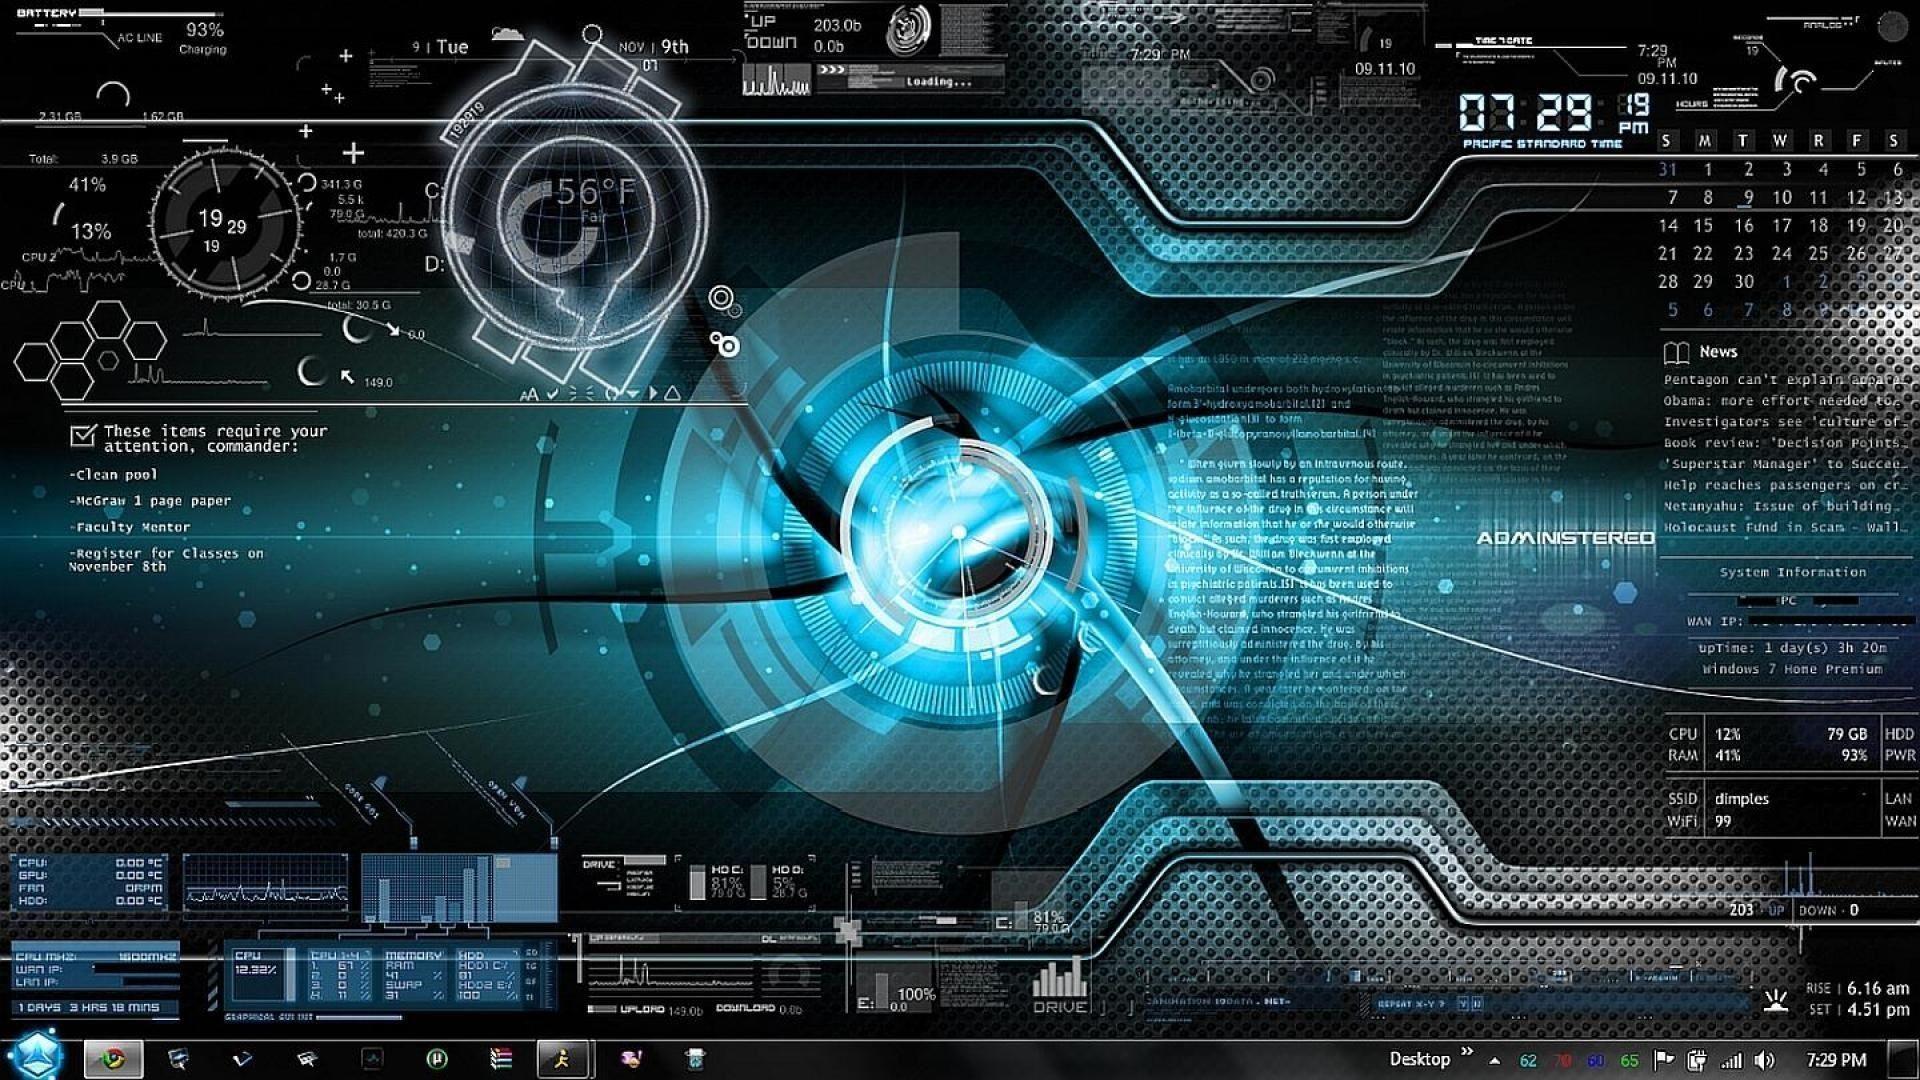 New Science Fiction Desktop Wallpaper Sci Fi Wallpaper Computer Wallpaper Desktop Themes